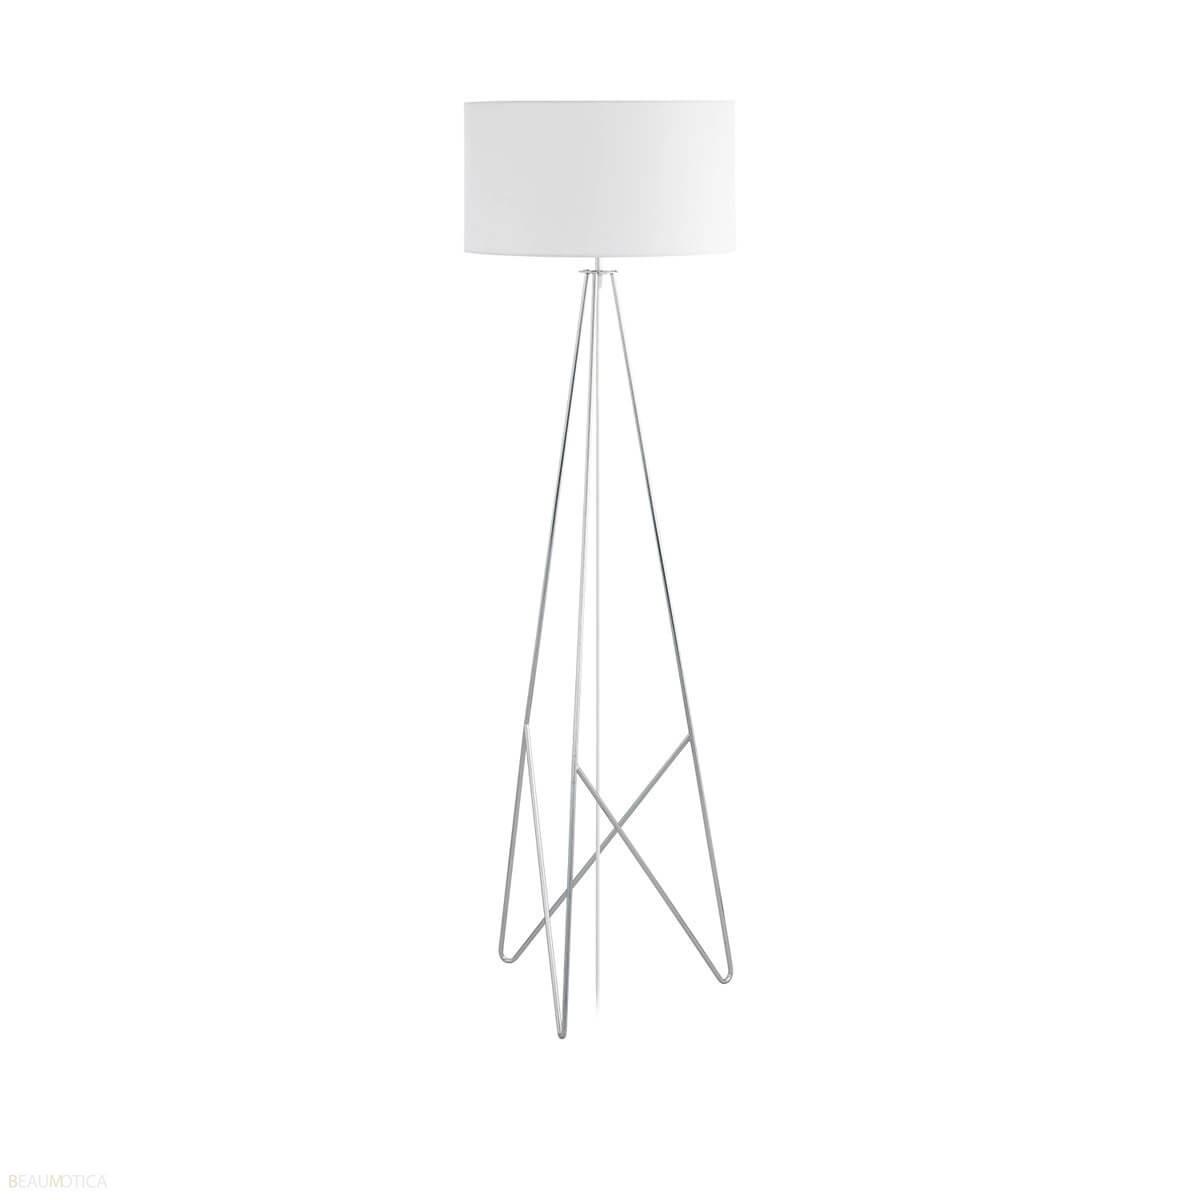 Afbeelding van Eglo Camporale Vloerlamp Wit, Chroom (ø45cm)